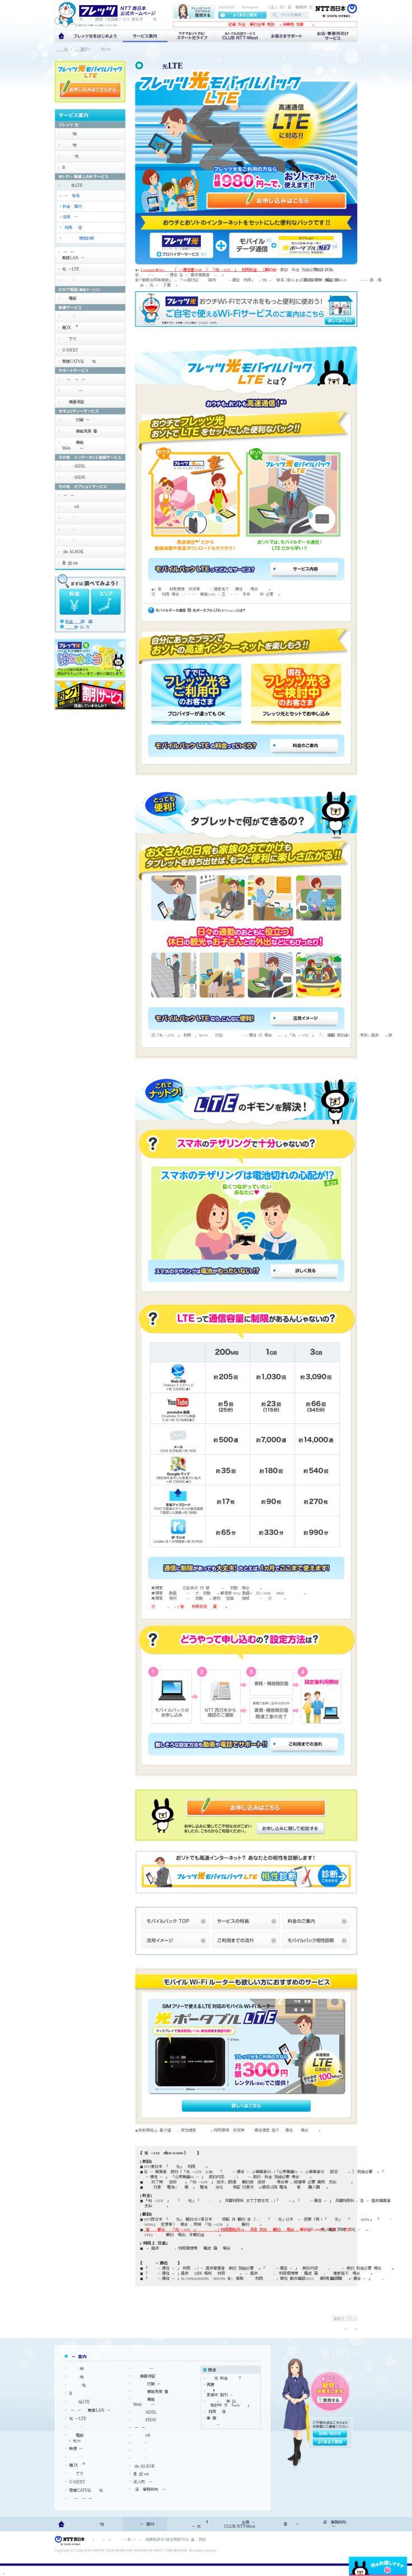 http://flets-w.com/wi-fi/mobilepack/